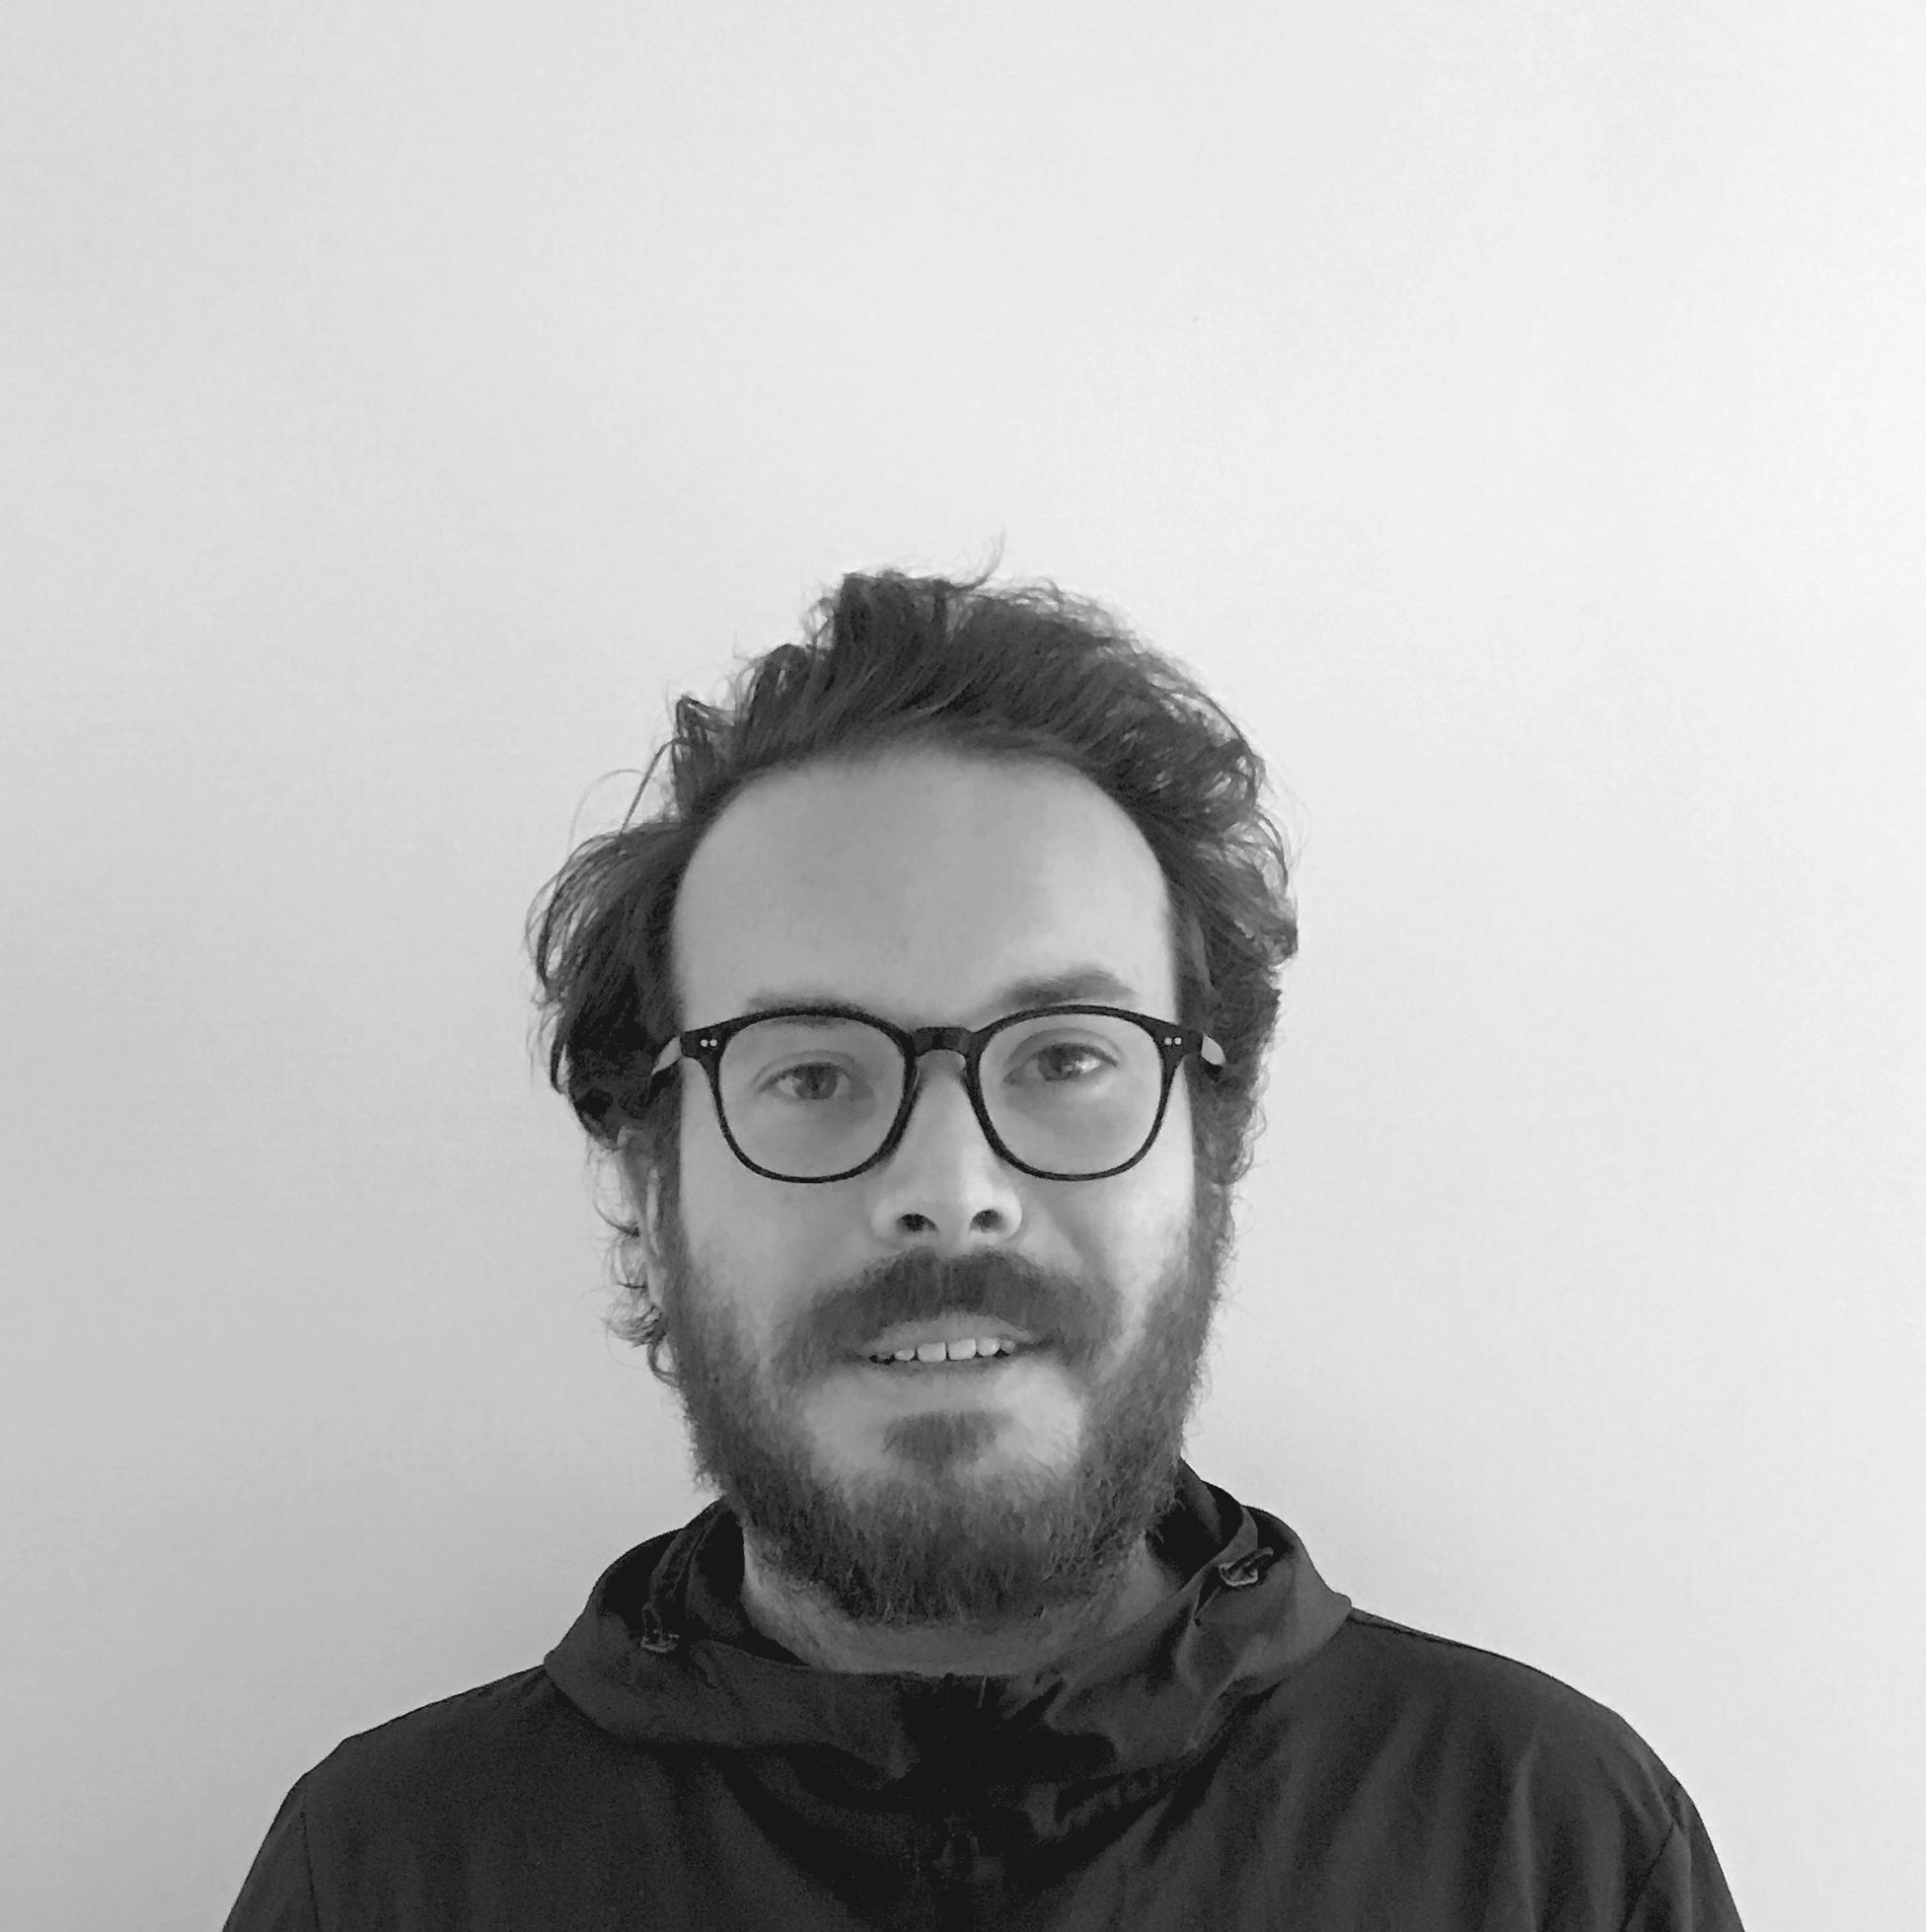 Aparicio_Pedro_2017 Headshot